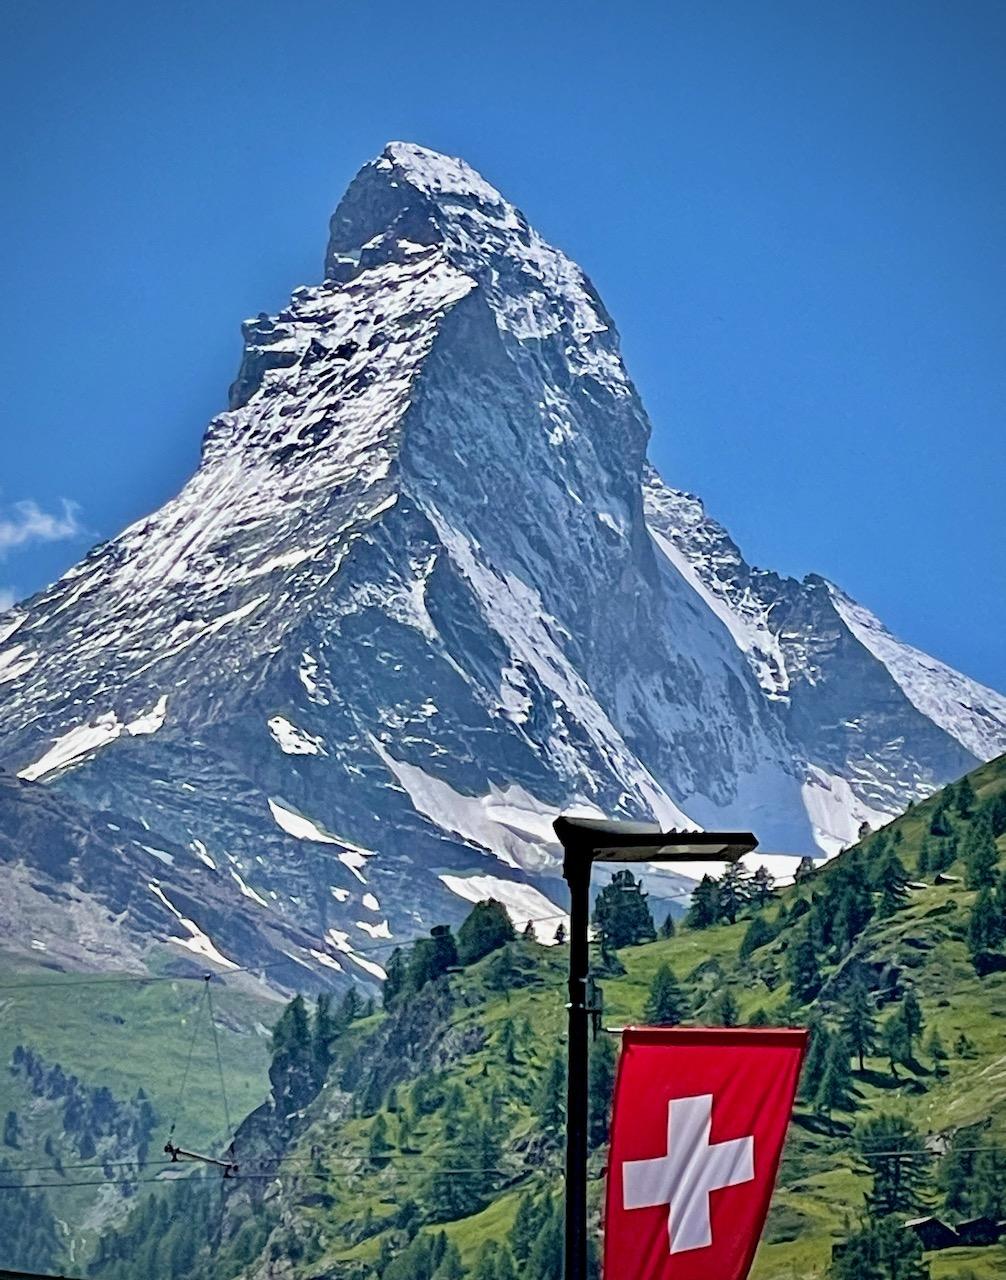 Looking at the Matterhorn from Zermatt